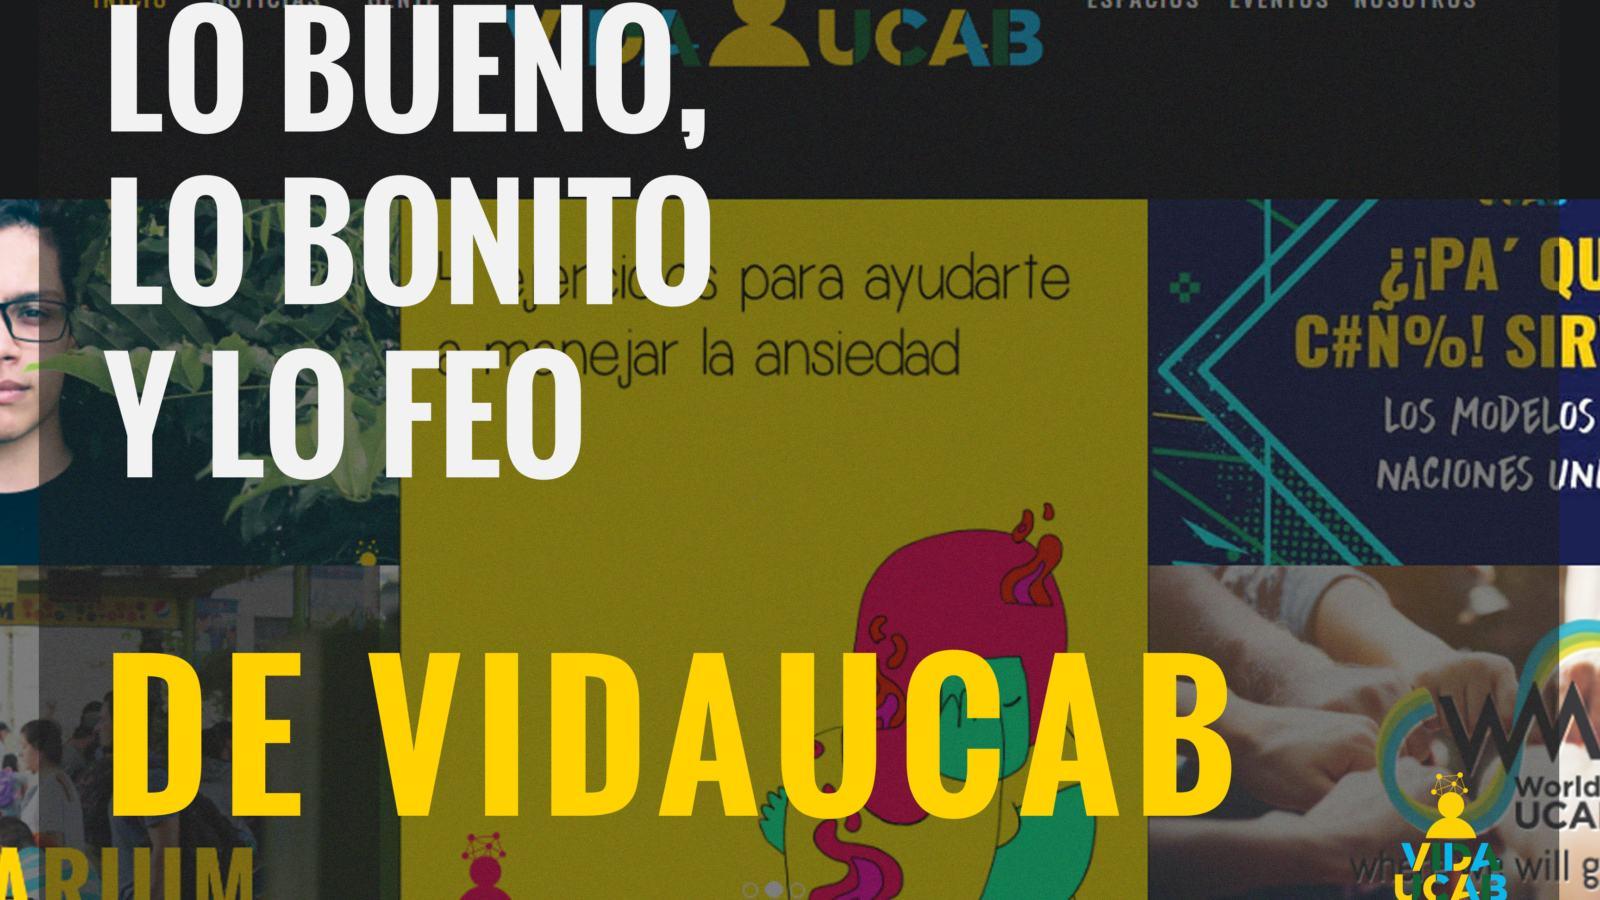 BUENO BONITO Y FEO DE VIDA UCAB